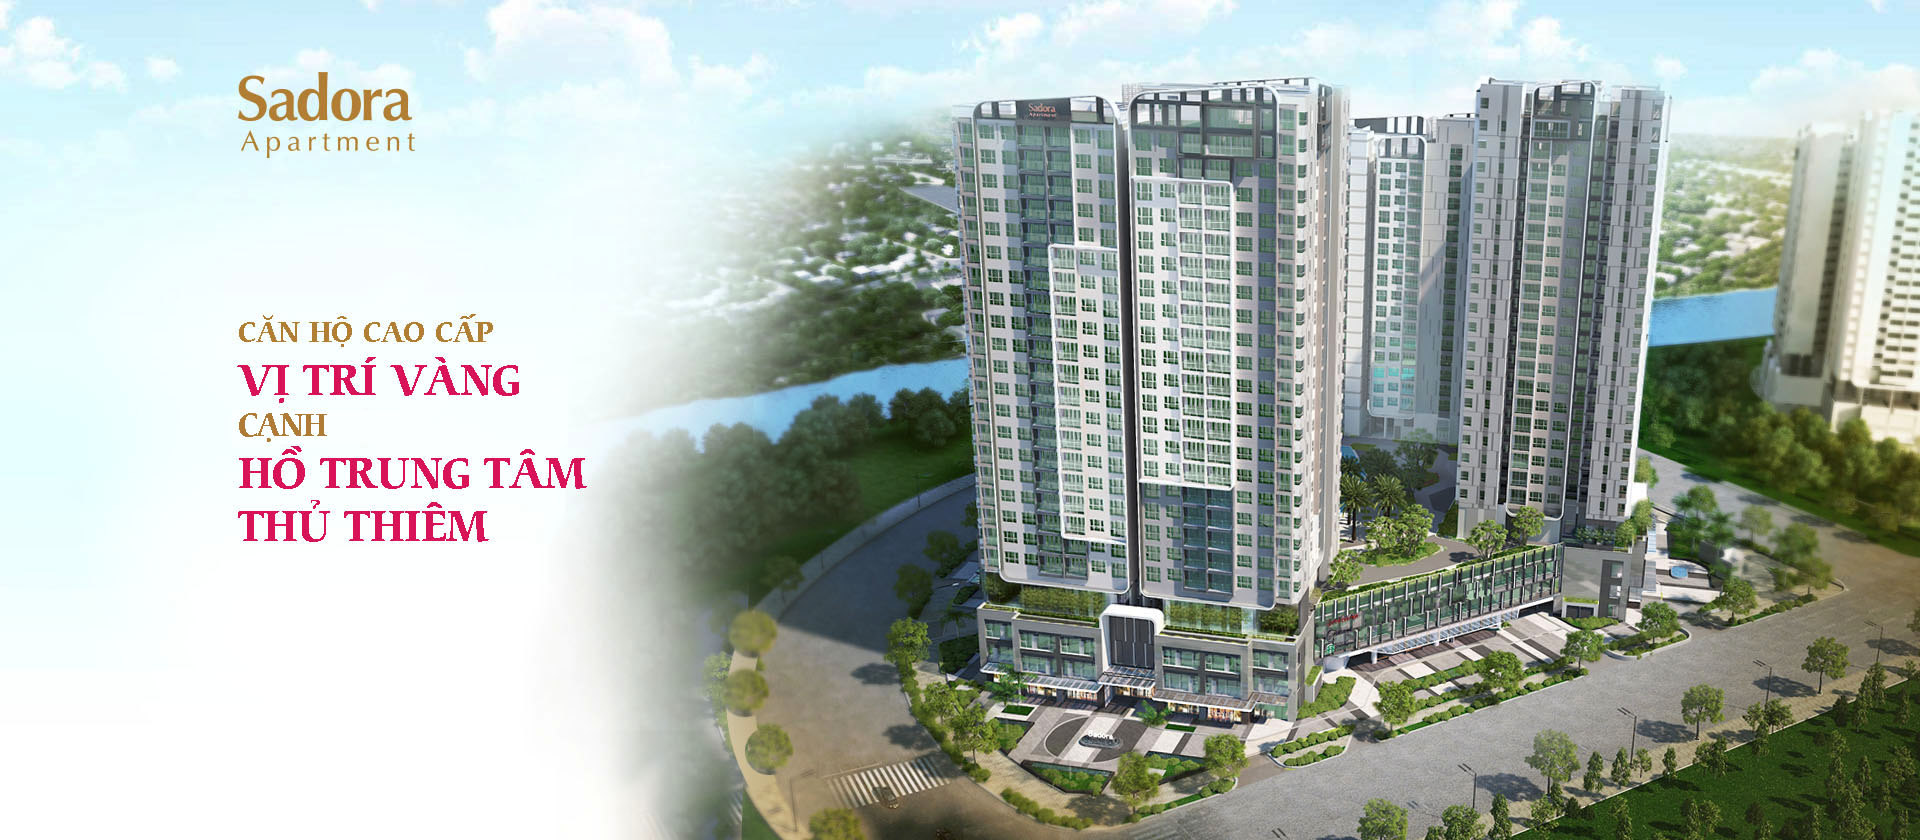 Hình ảnh phối cảnh dự án căn hộ Sadora Apartment Quận 2 chủ đầu tư Đại Quang Minh